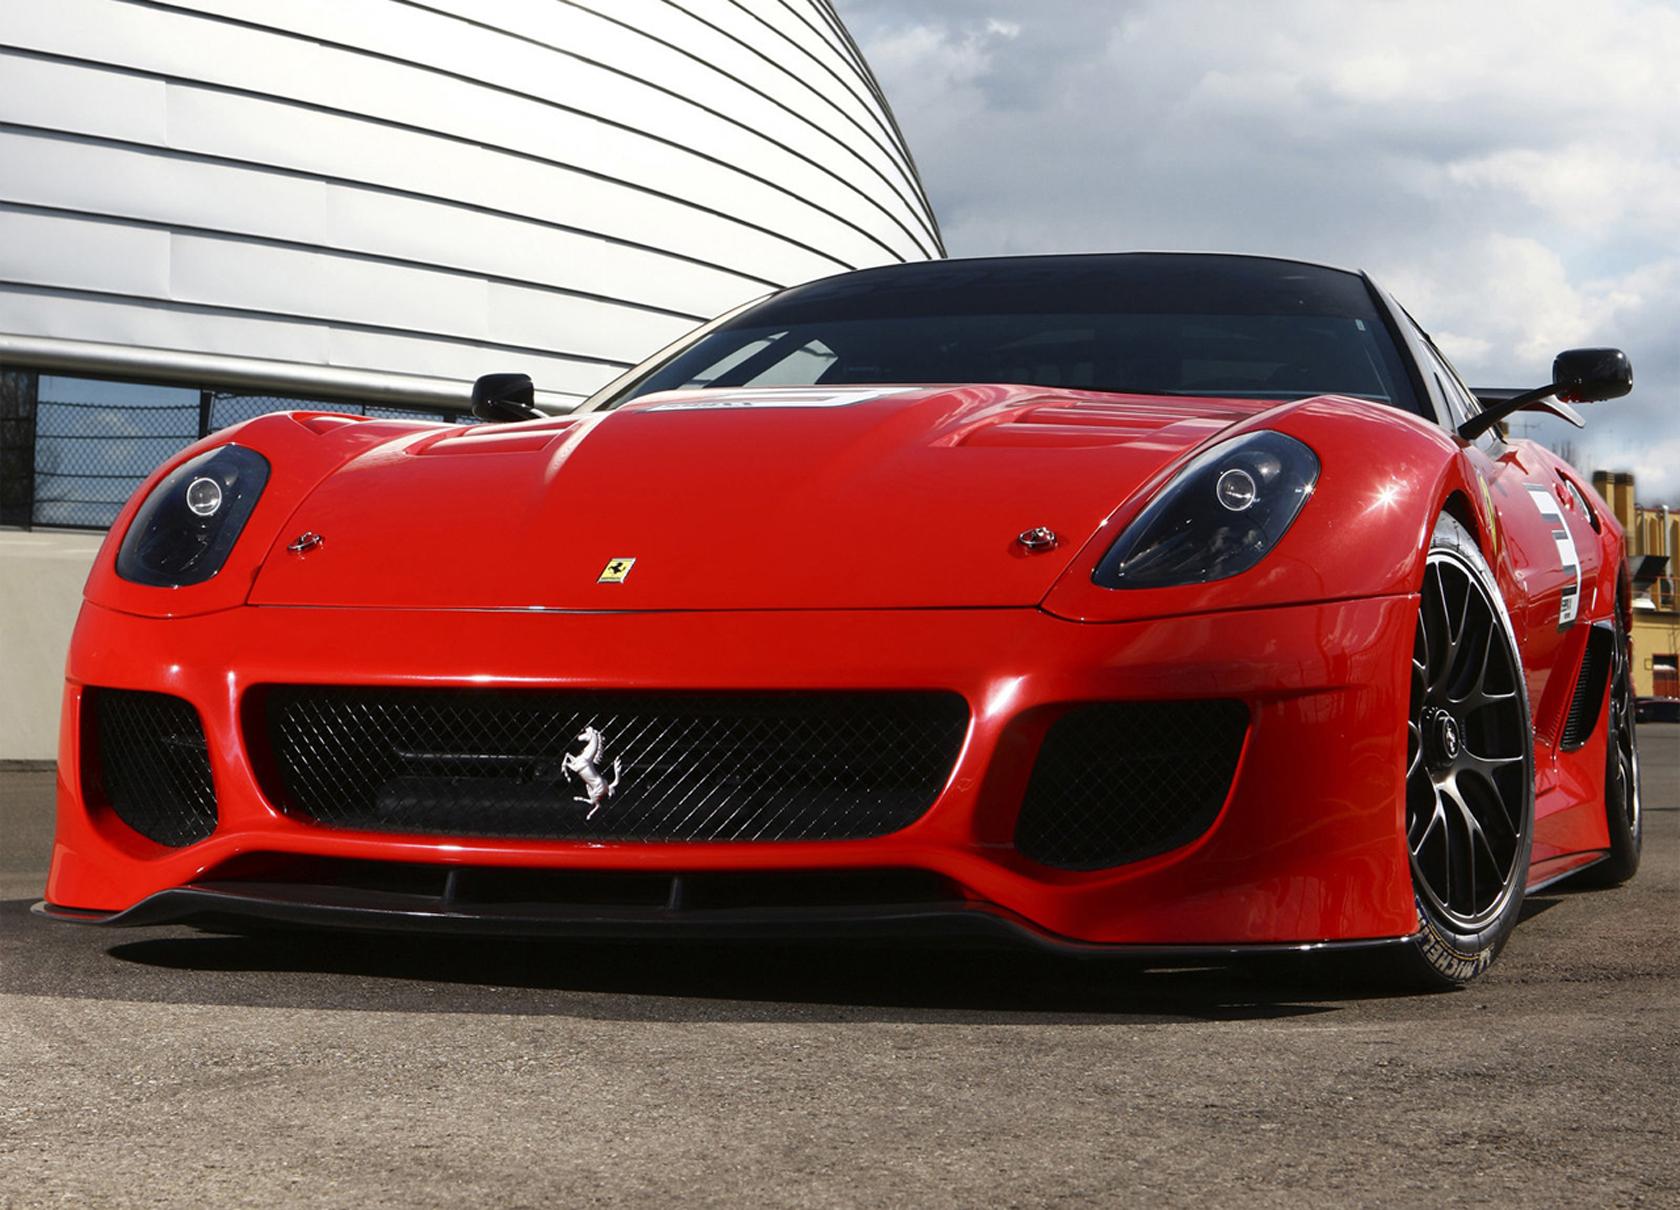 Fahrzeuge - Ferrari  Wallpaper